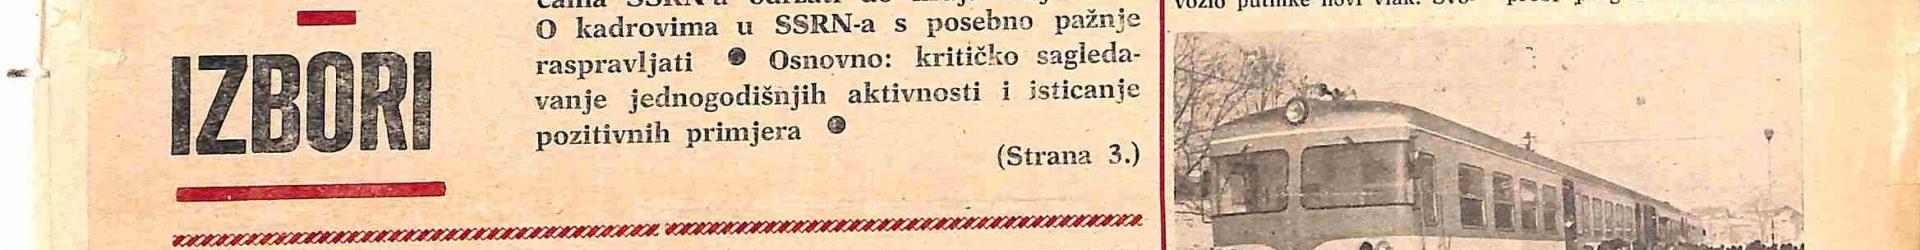 6 veljače 1984_Page_1